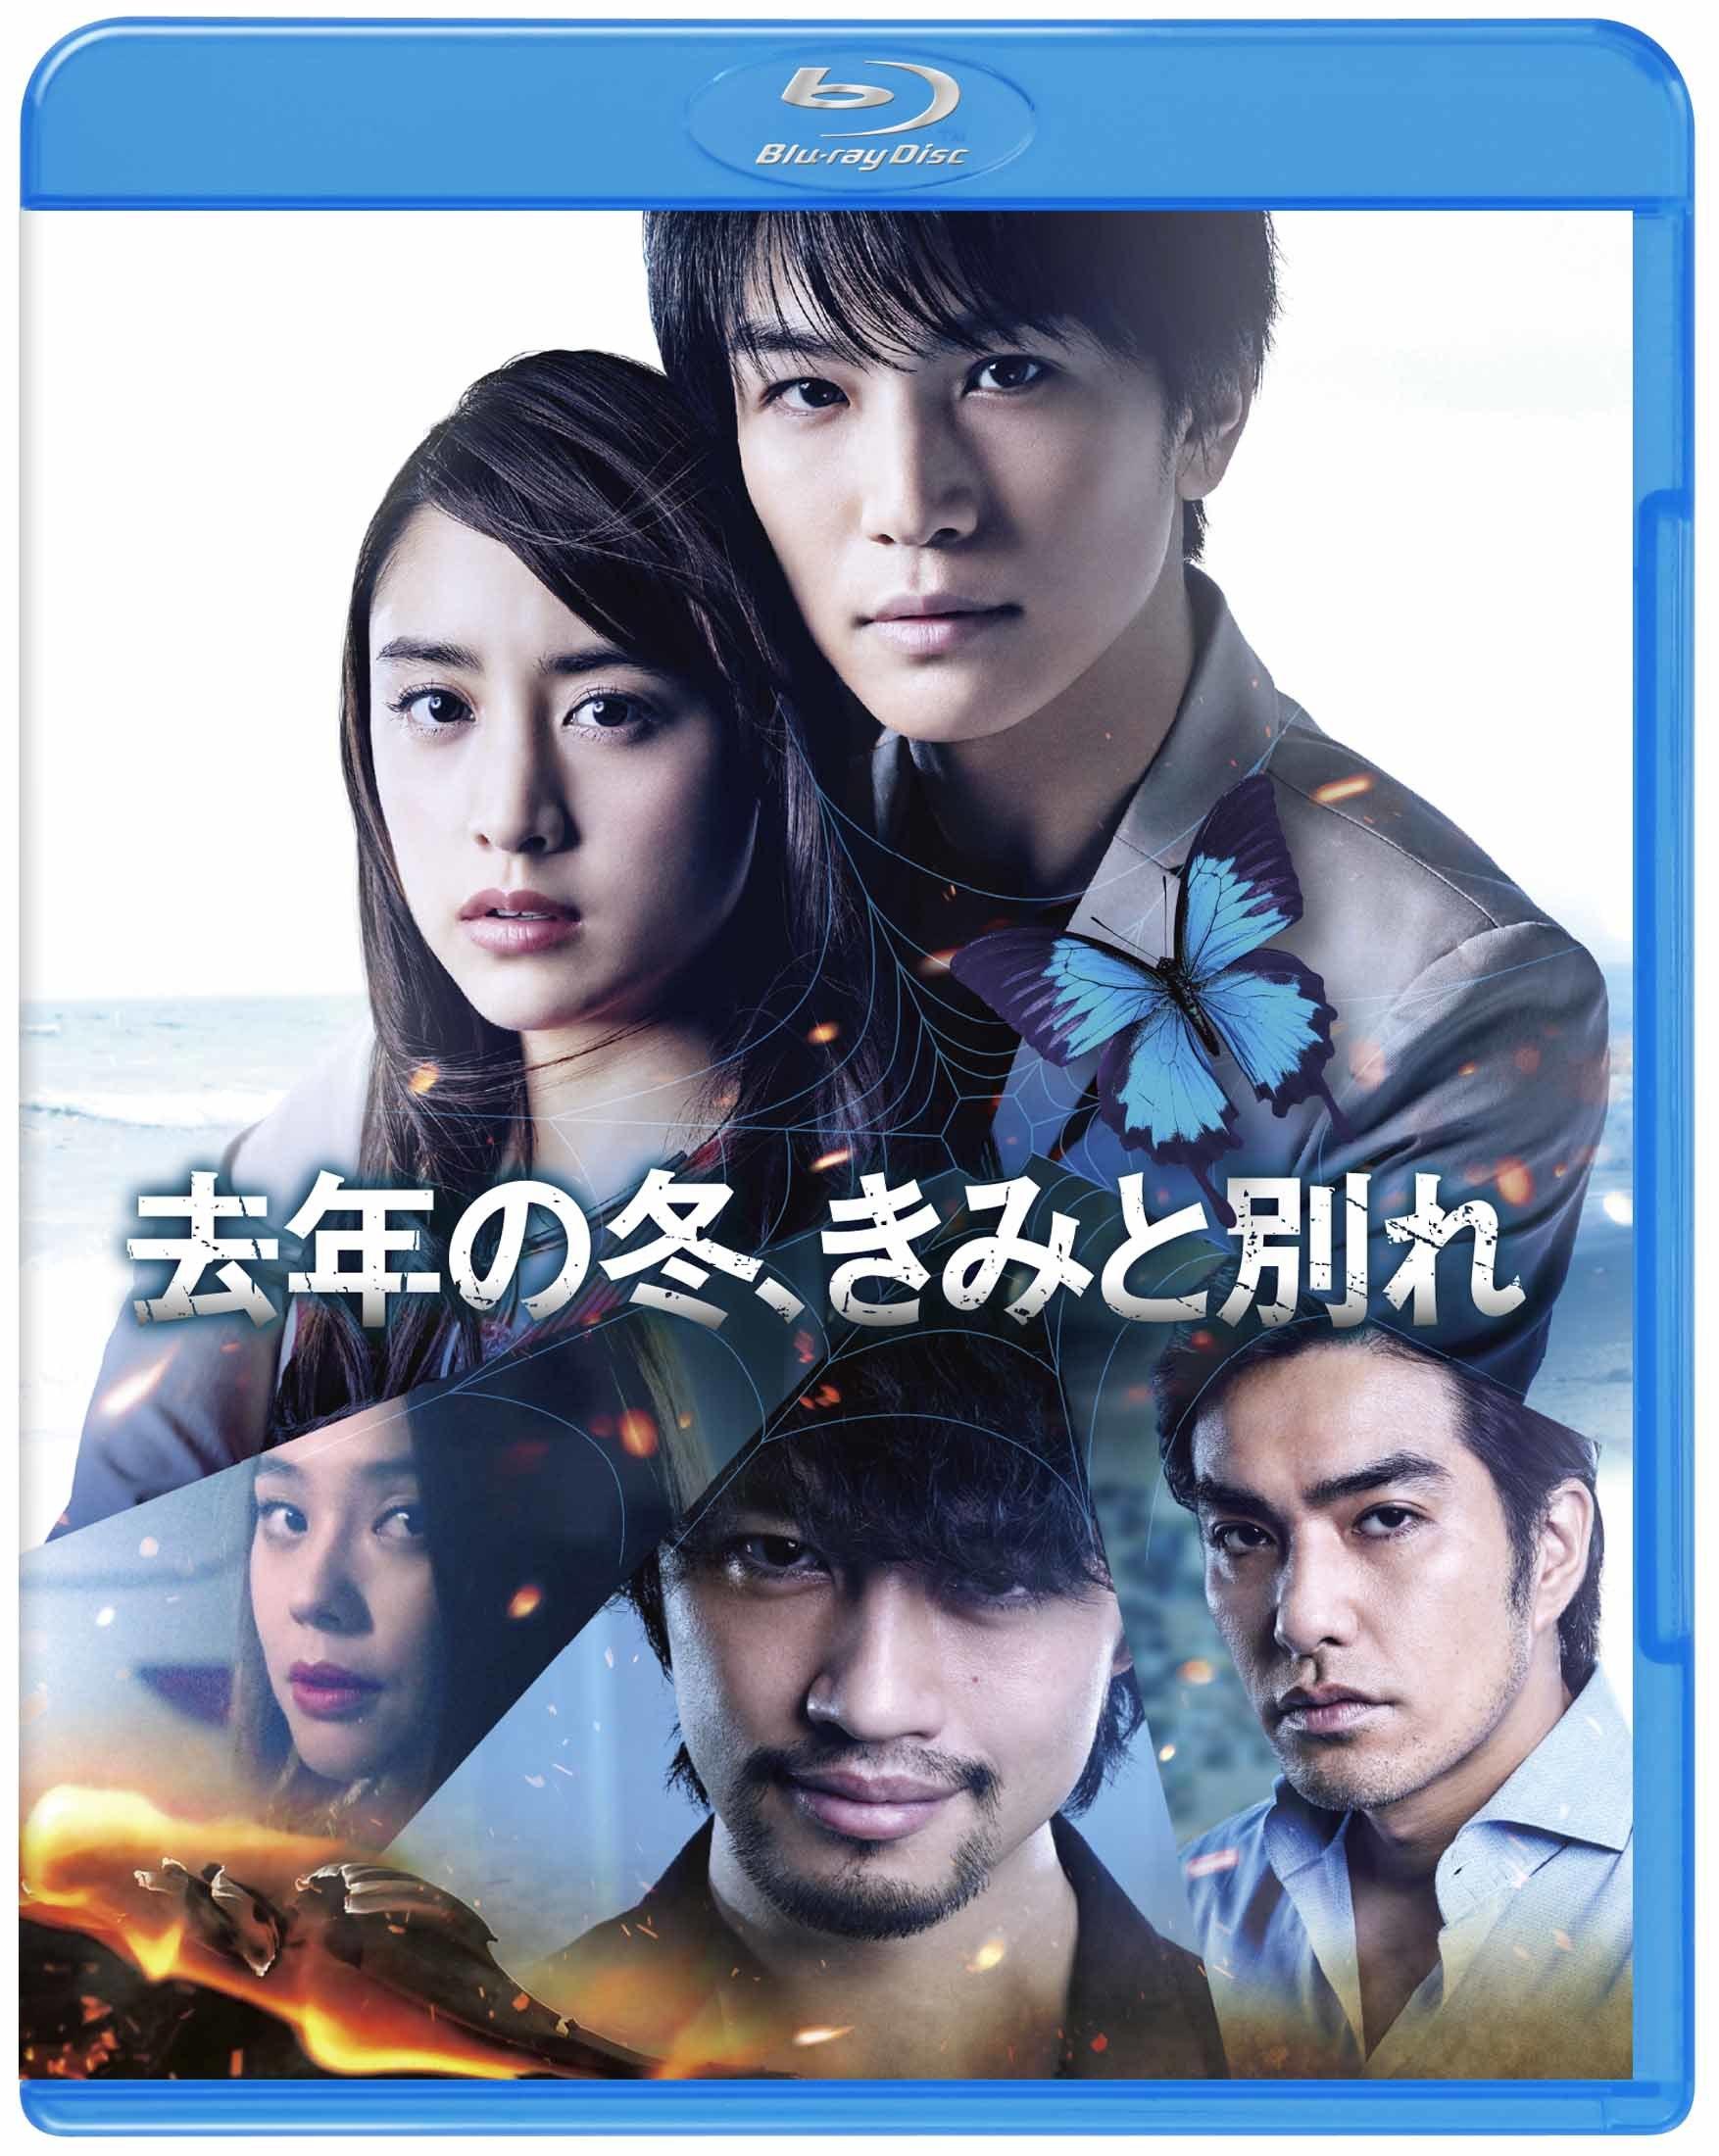 (C)2018 映画「去年の冬、きみと別れ」製作委員会